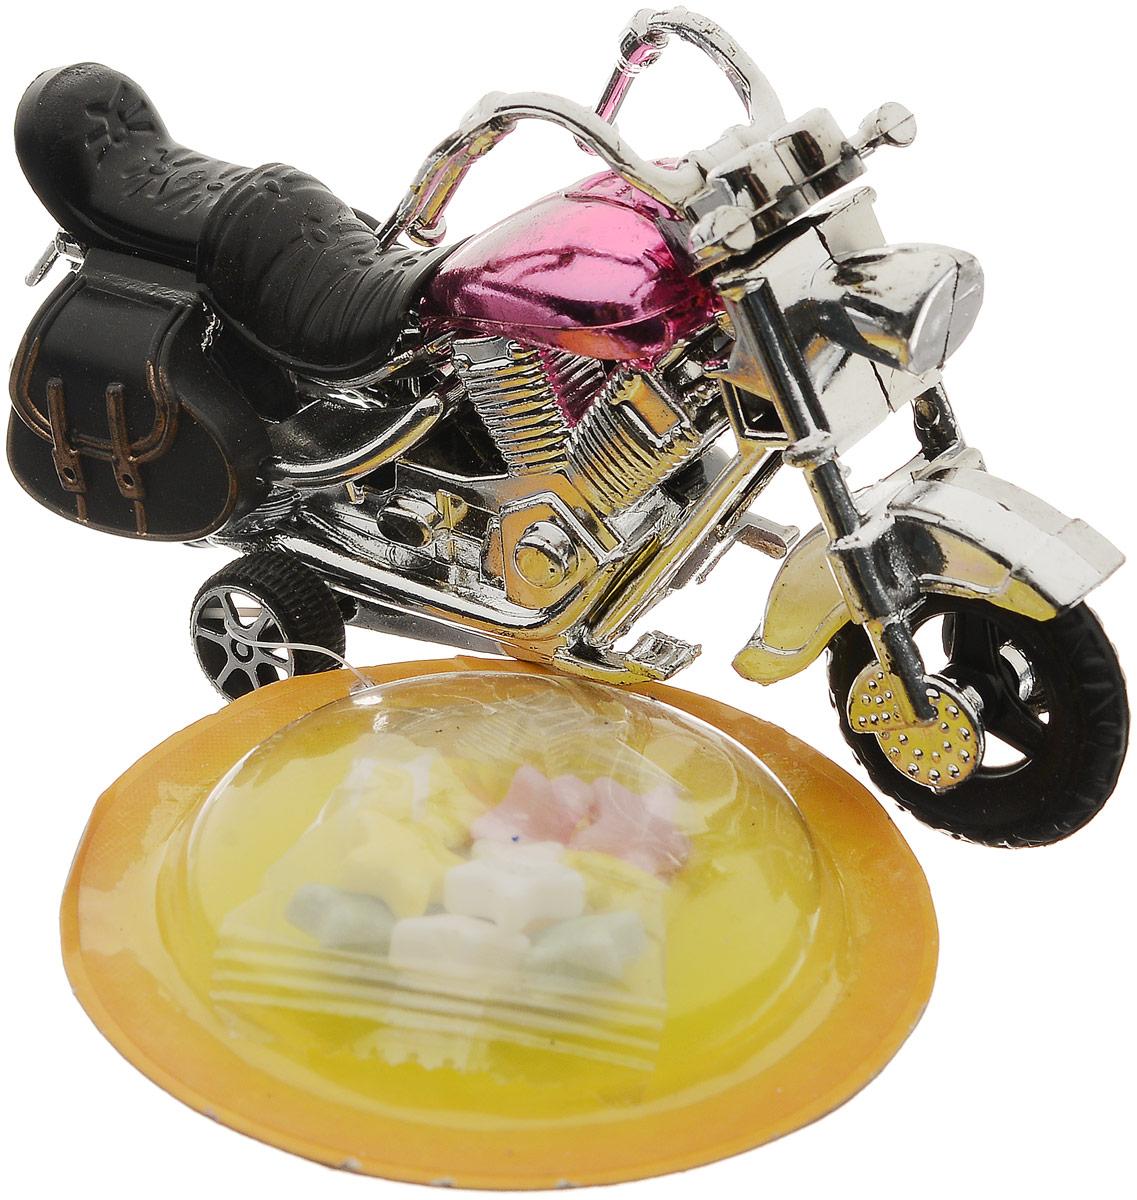 Конфитрейд Автодром Мотоцикл фруктовое драже с игрушкой, 5 гУТ18518Игрушка без механизма в форме мотоцикла из пластика. Предназначается для детей от трех лет. К мотоциклу на пластиковой стропе крепится блистер с драже в прозрачном пищевом пакетике. Уважаемые клиенты! Товар поставляется в цветовом ассортименте. Поставка осуществляется в зависимости от наличия на складе.